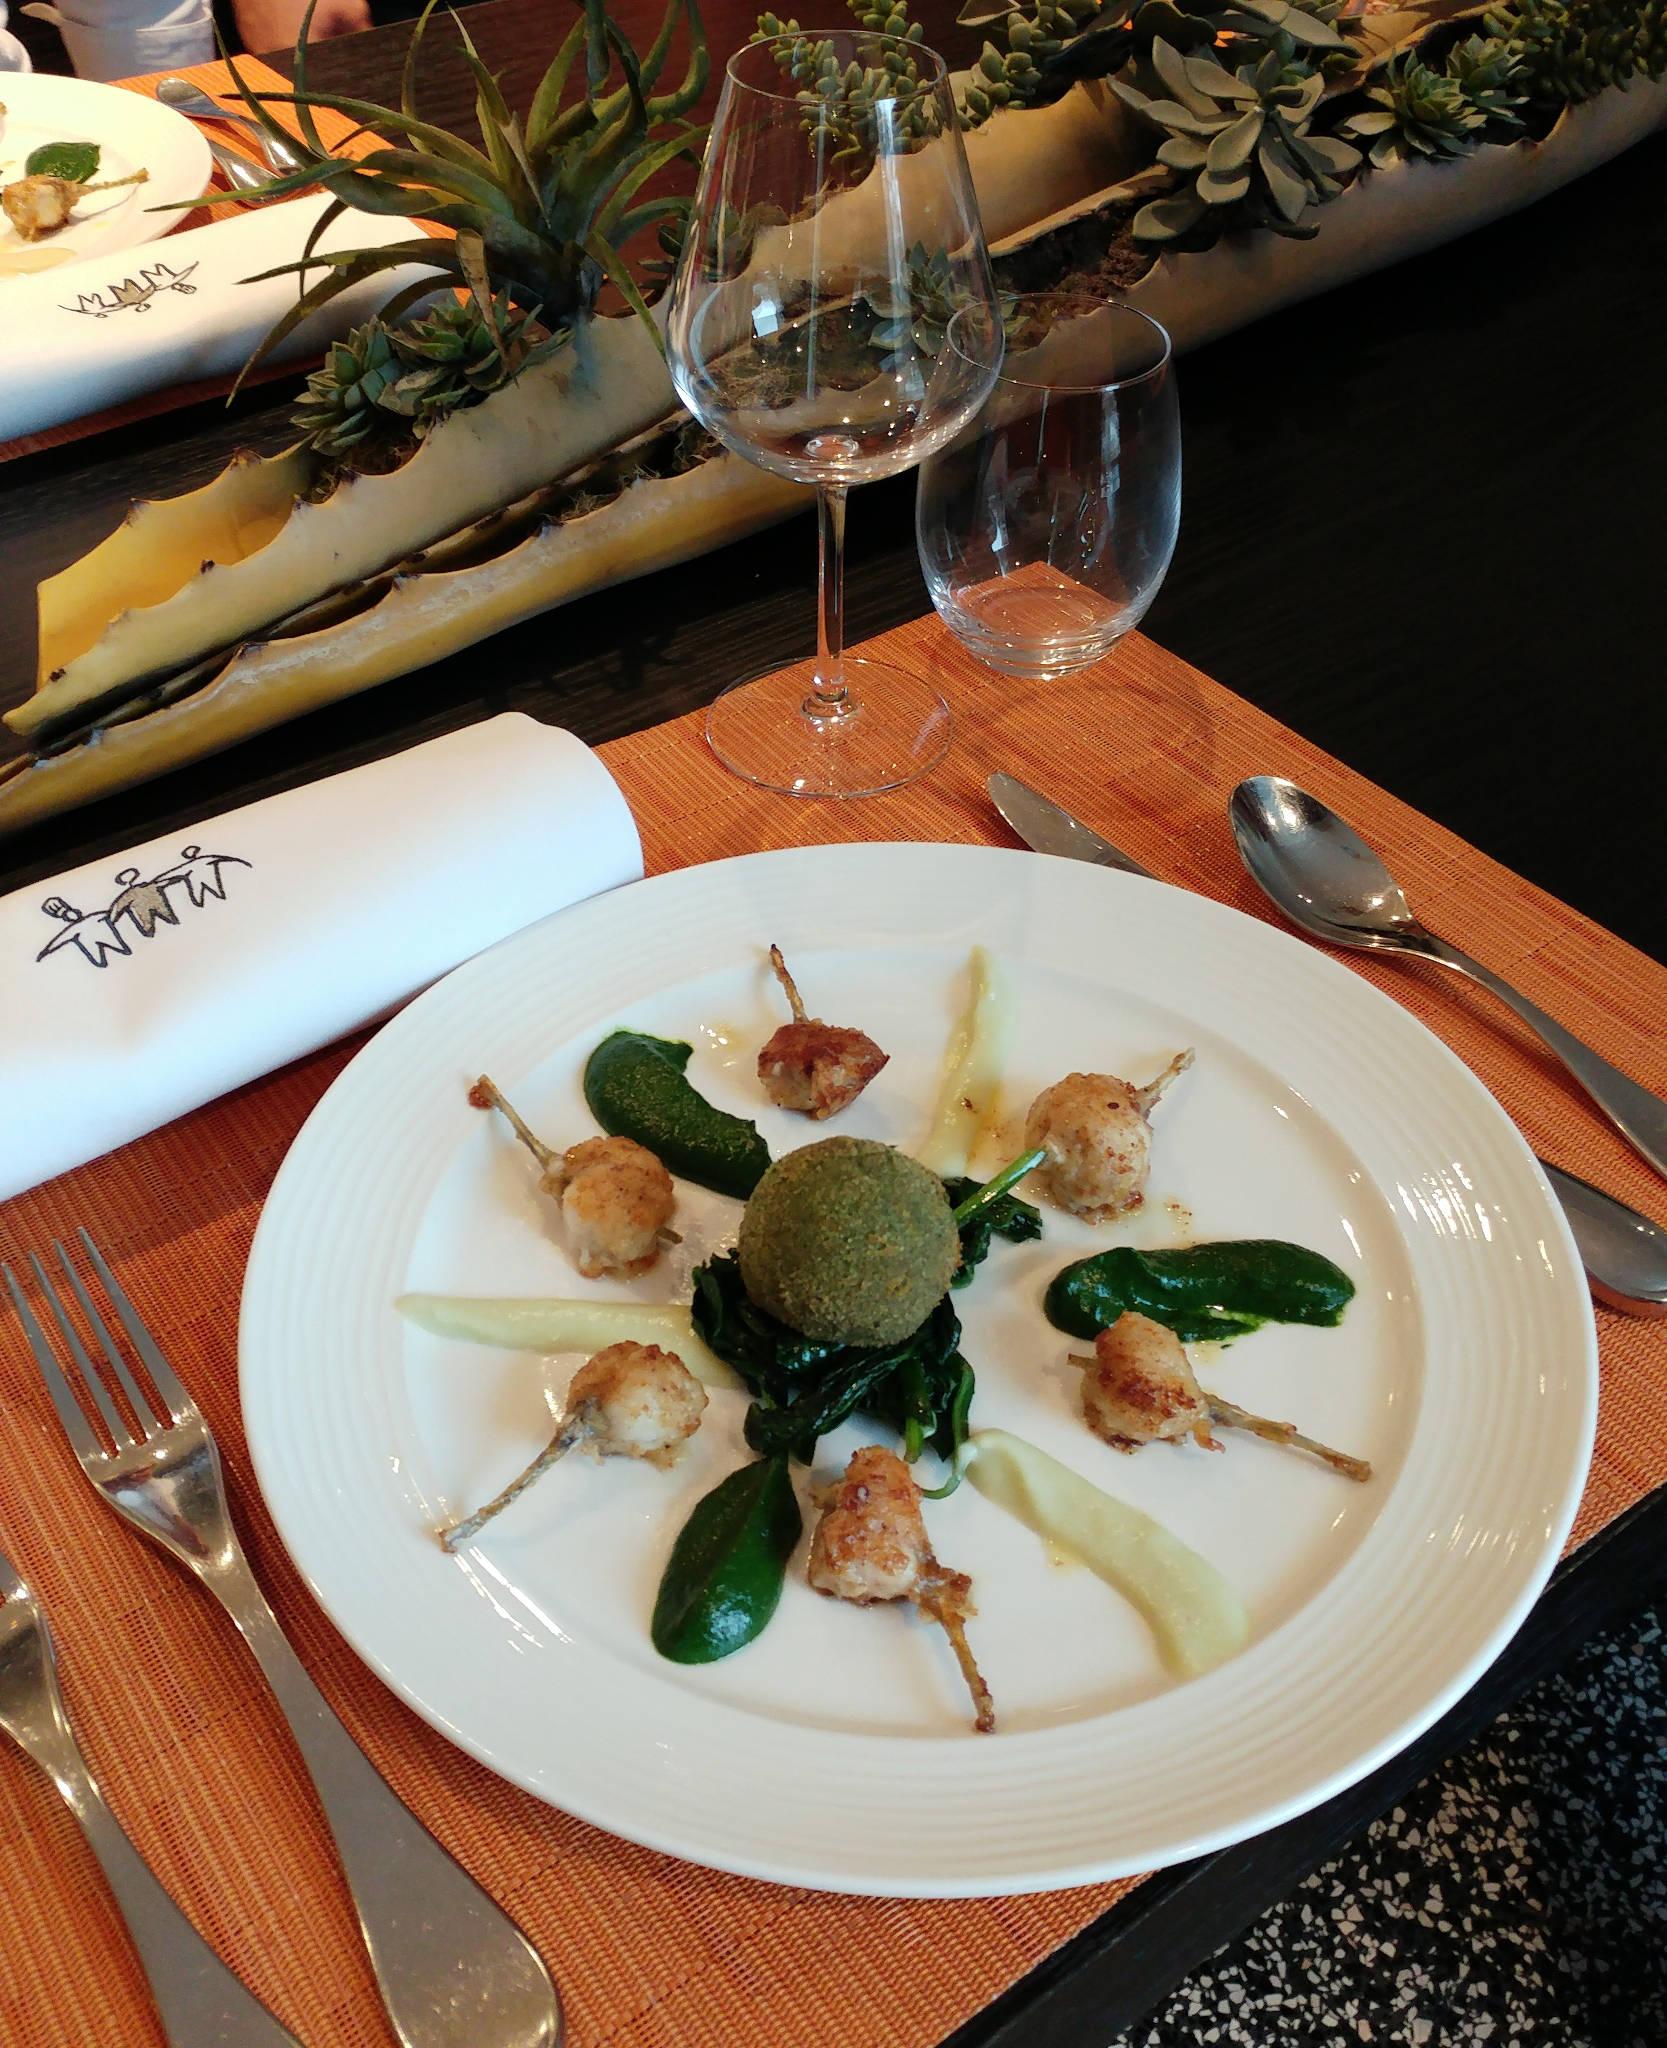 La cuisine des gones cours de cuisine l 39 institut paul - Cours de cuisine confluence ...